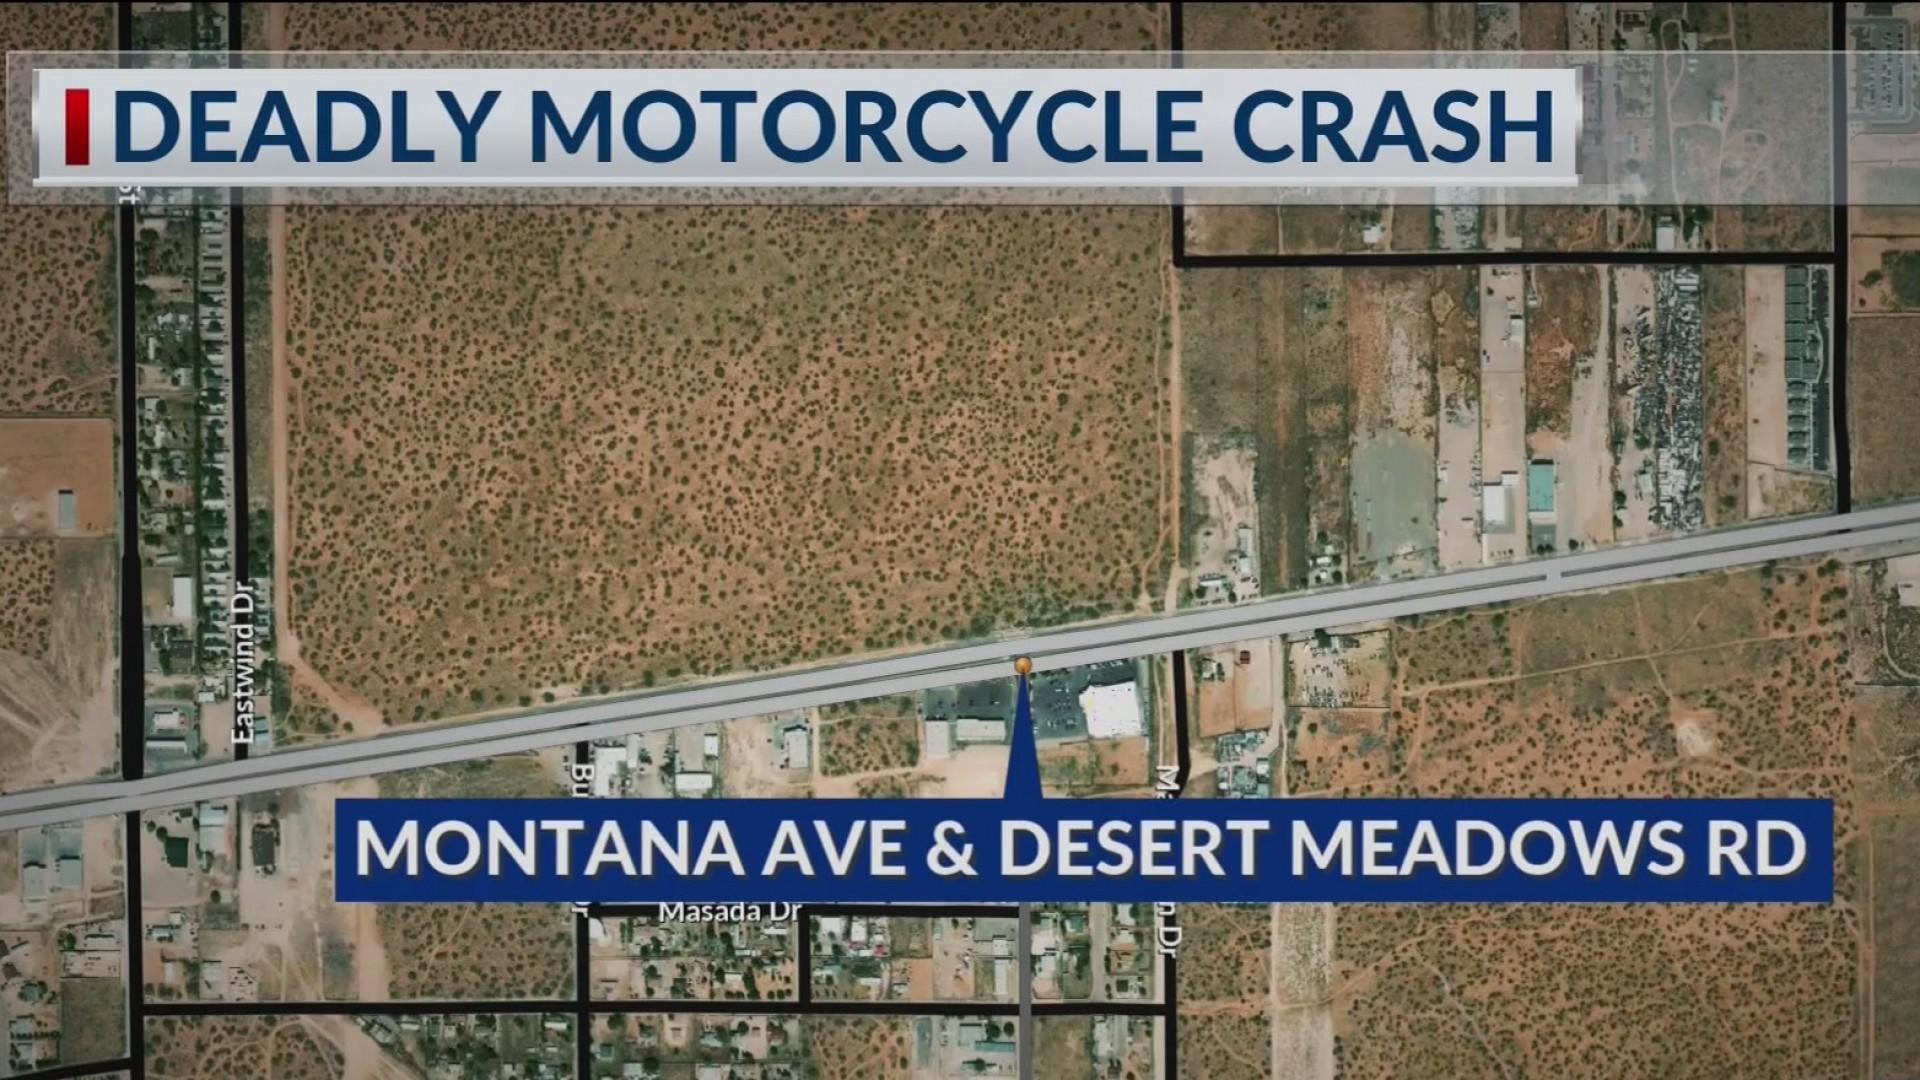 Motorcycle map_1559840406341.jpg.jpg